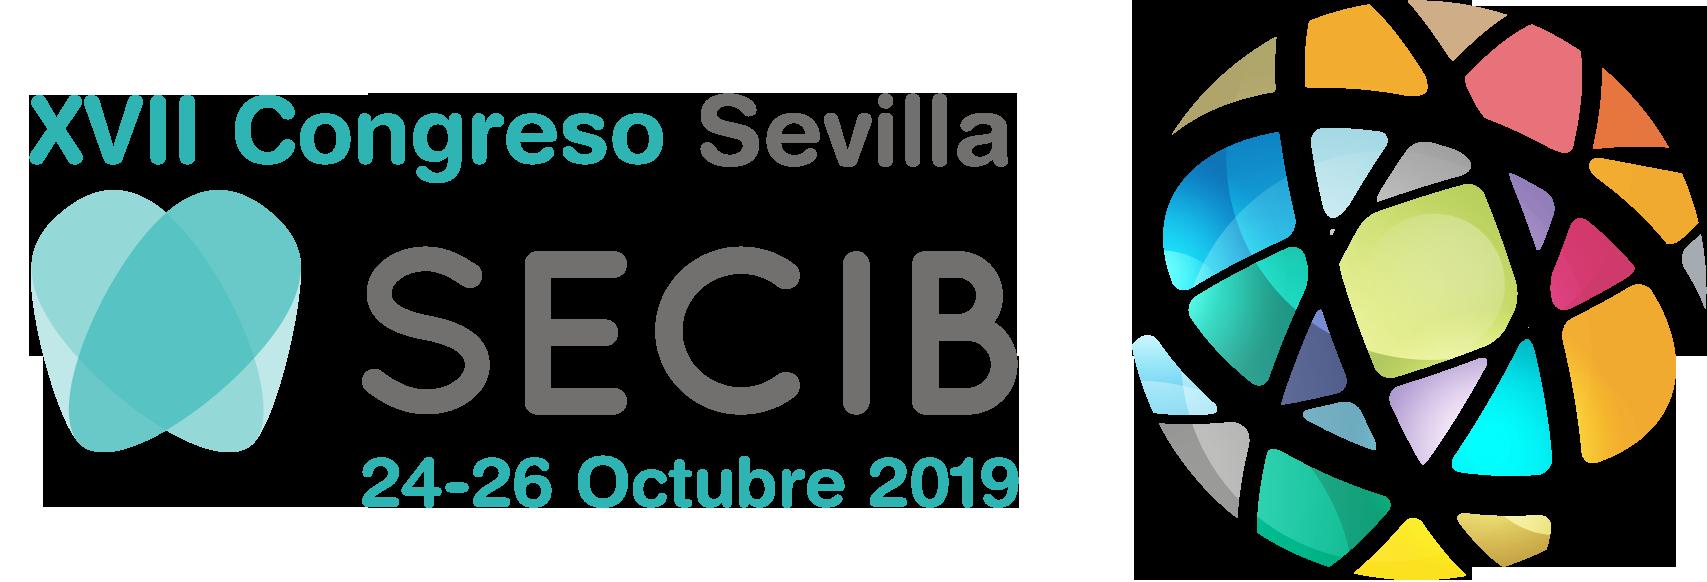 XVII Congreso de la Sociedad Española de Cirugía Bucal (SECIB) dental innovation agenda eventos